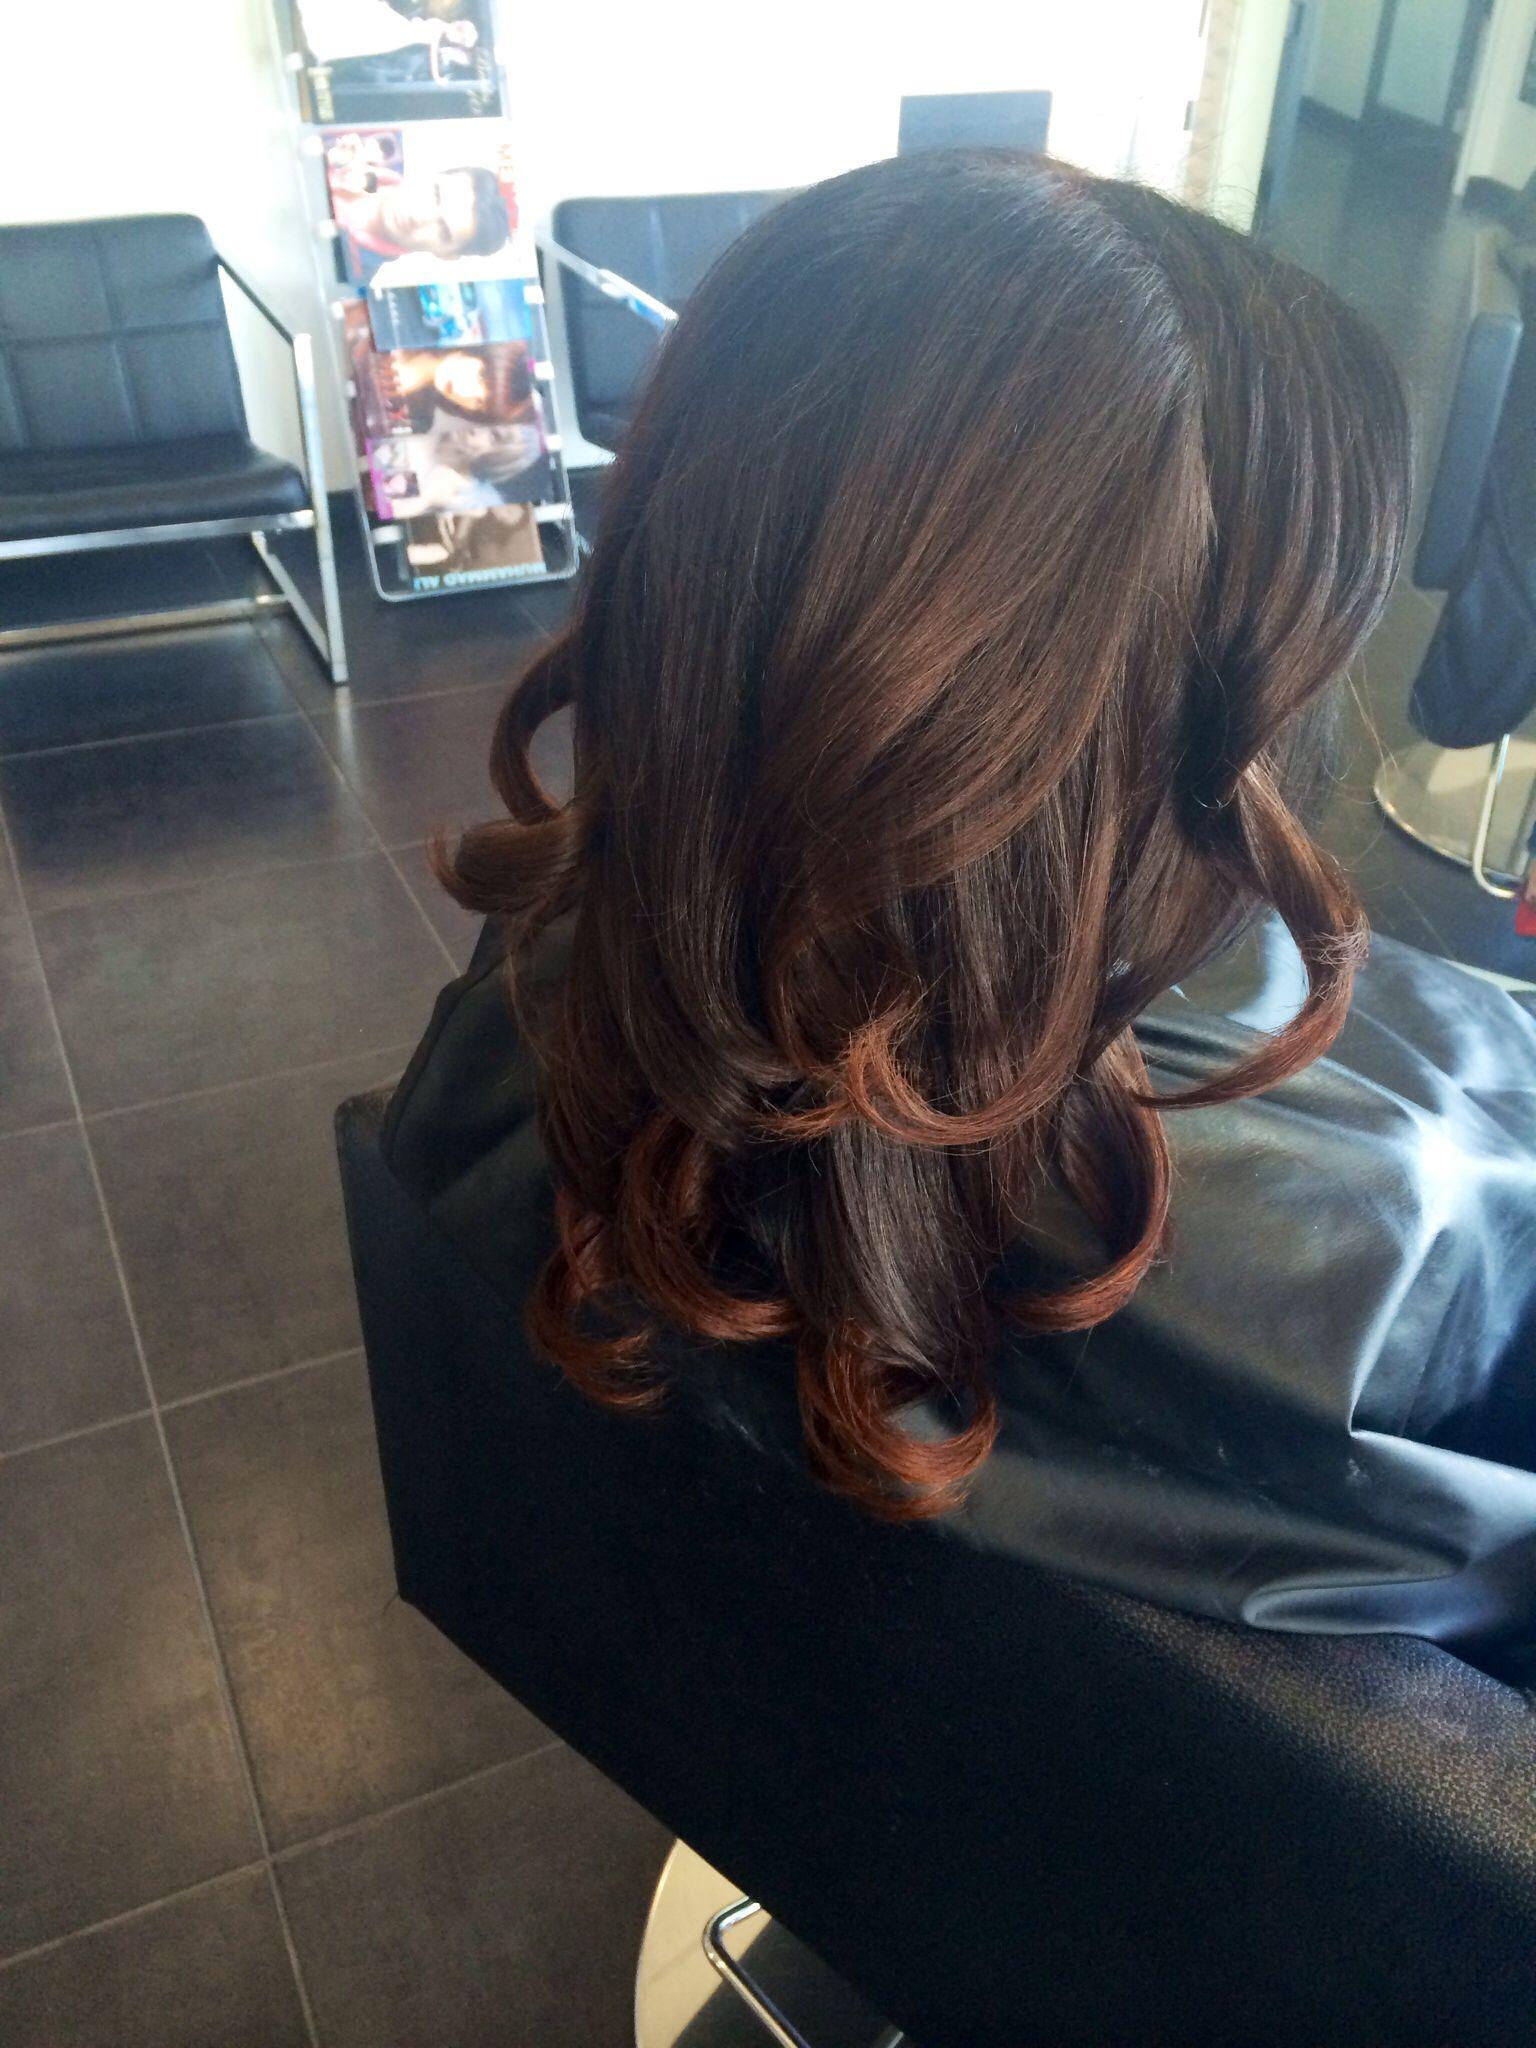 Subtle ombre blowout curls